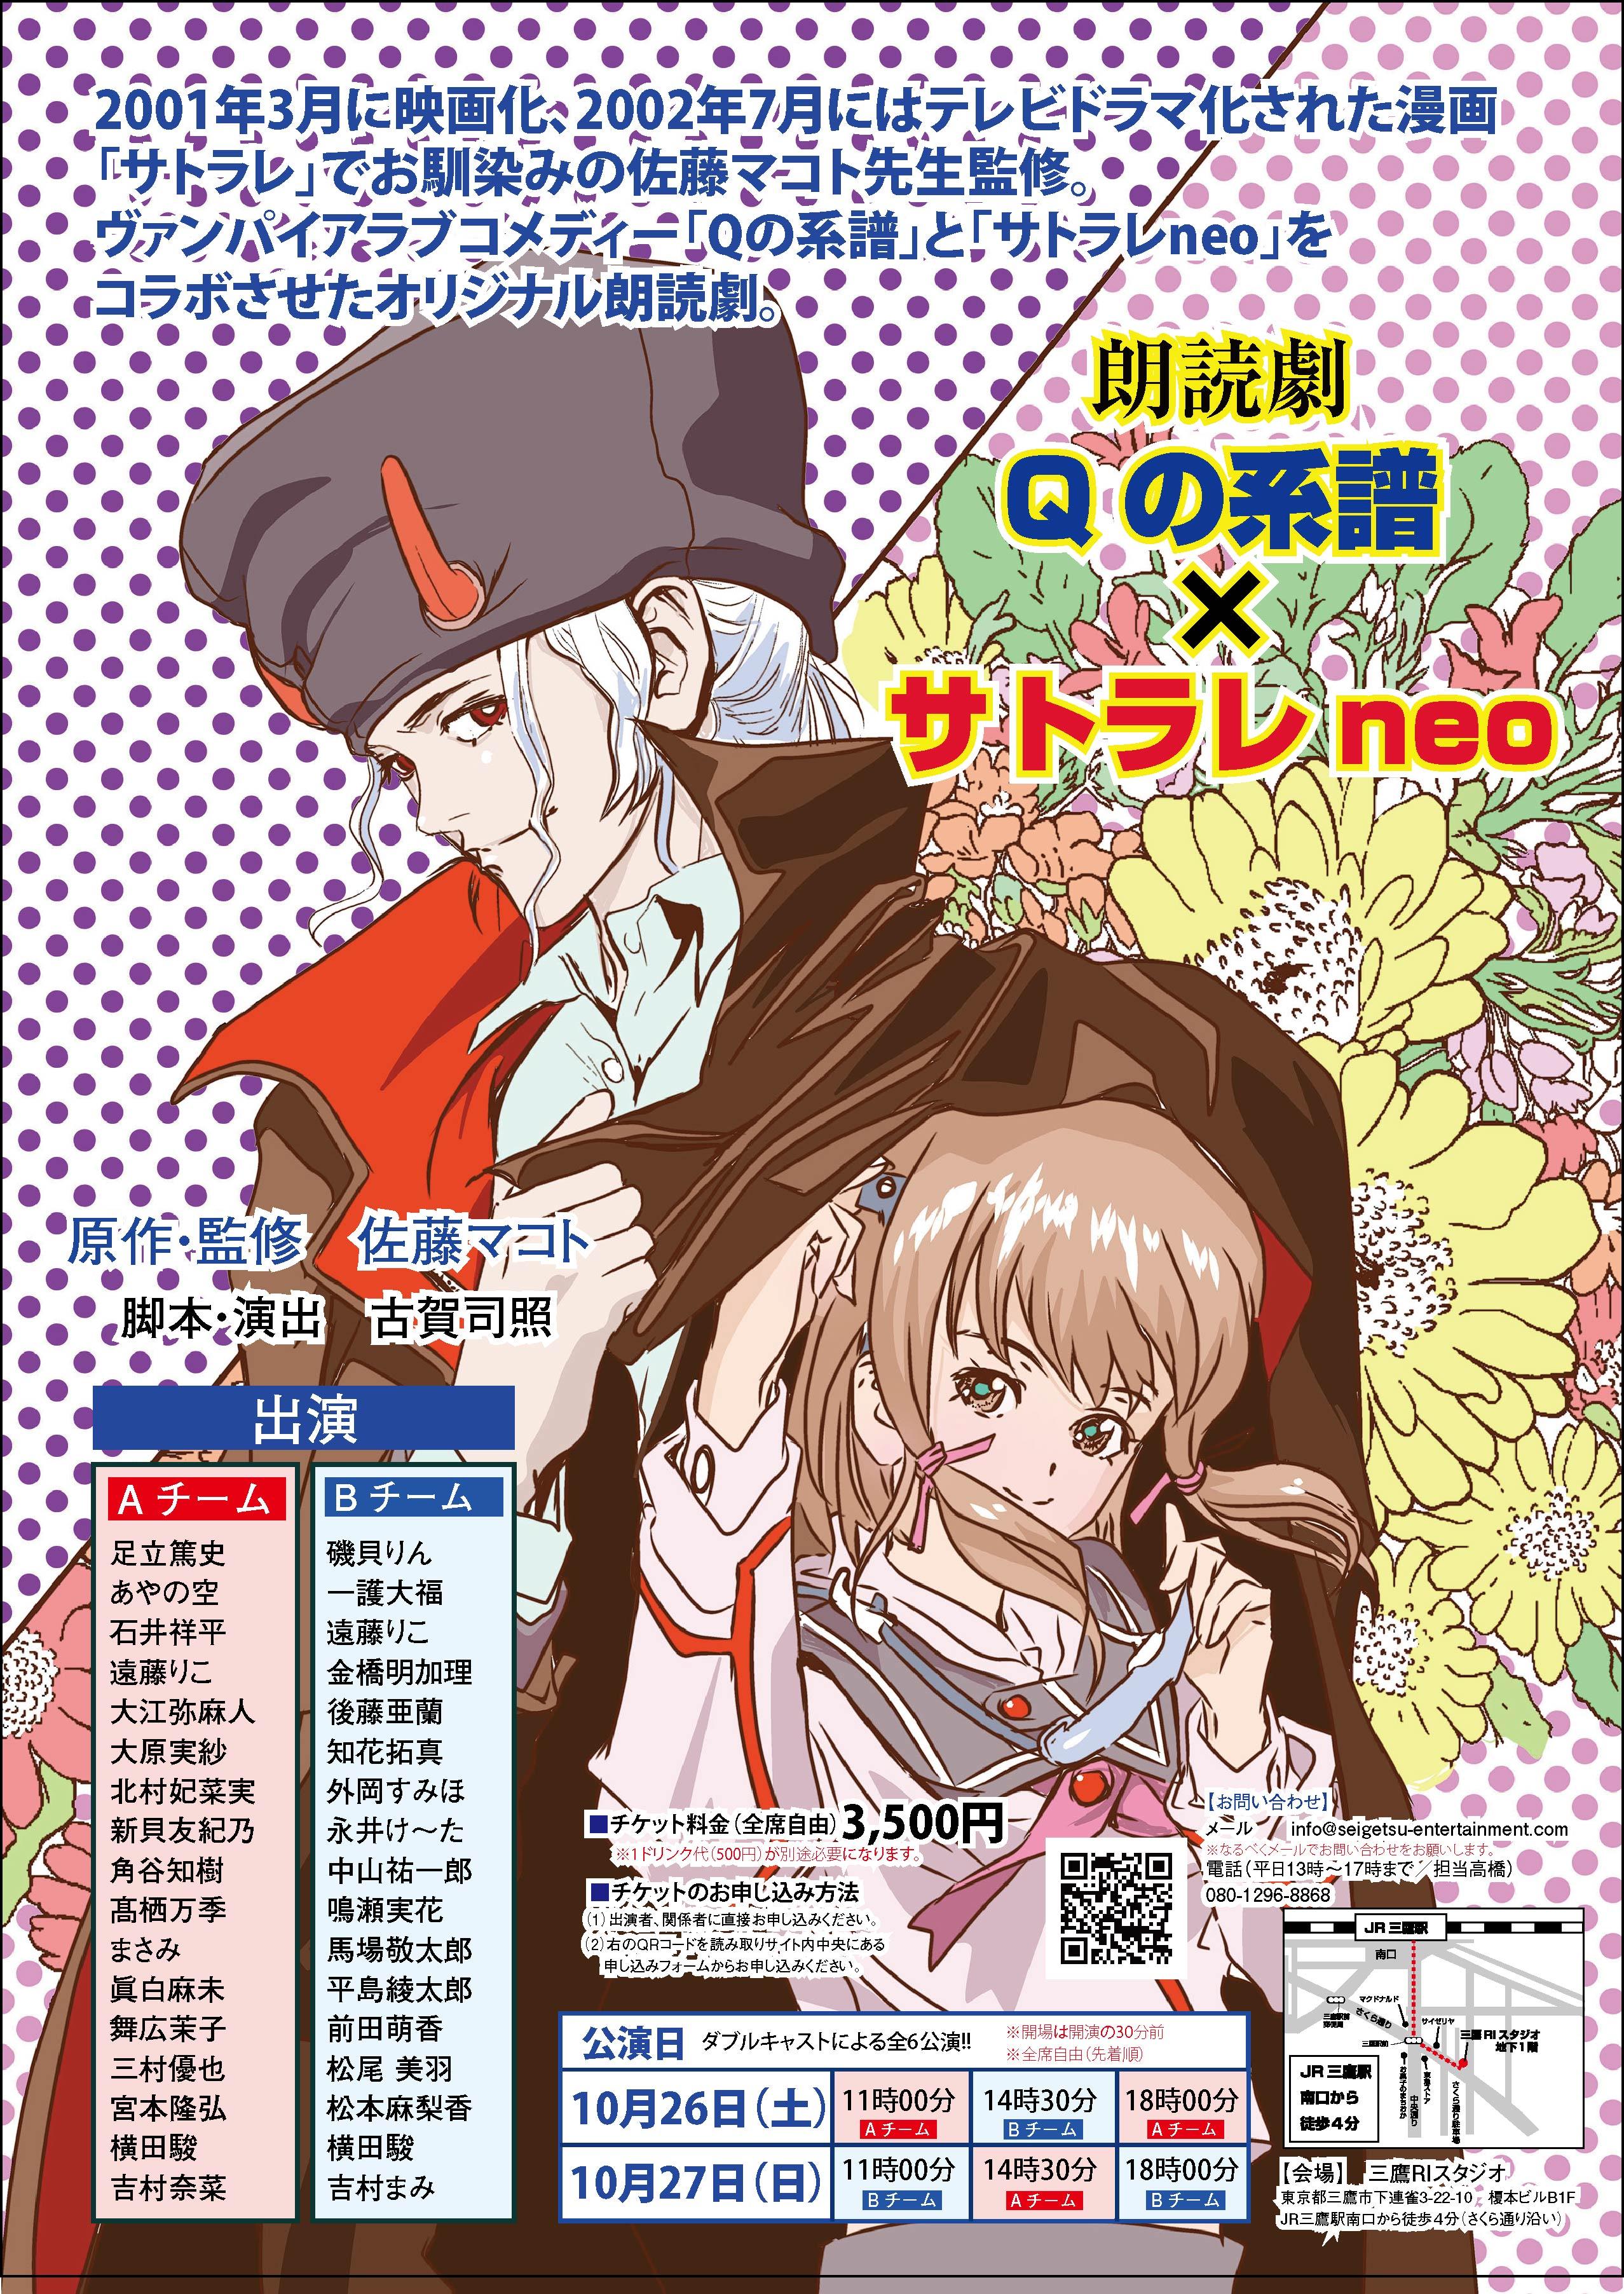 朗読劇「Qの系譜×サトラレneo」【公演日10月26日(土)27日(日)】